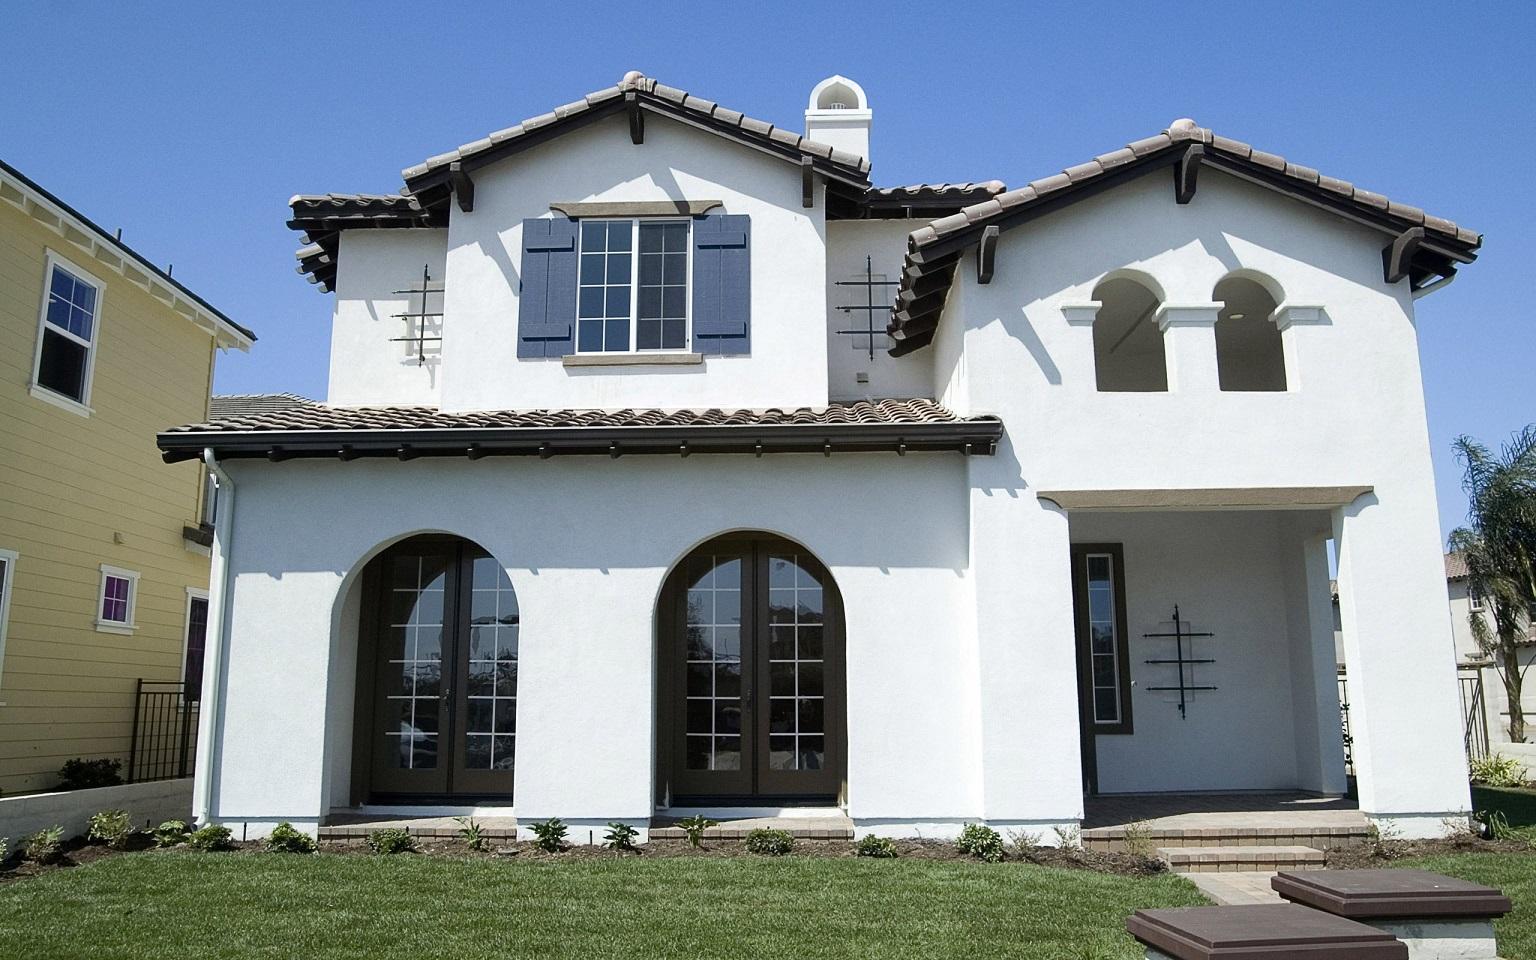 Ver fotos de casas bonitas escoja y vote por sus fotos de for Casas modernas de dos plantas pequenas